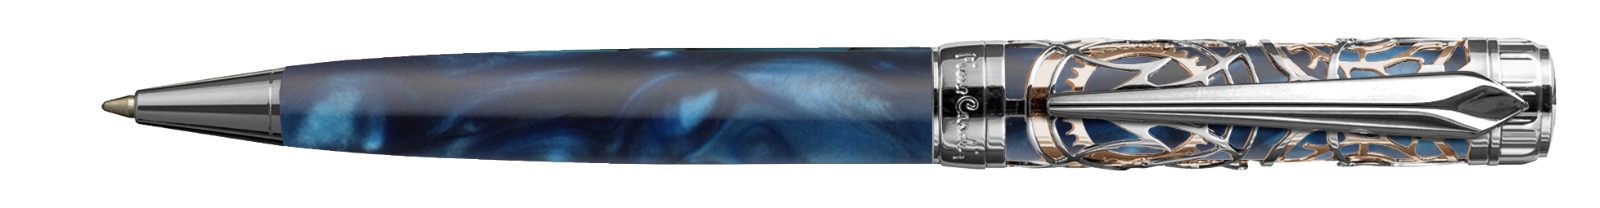 PC6611BP Ручка шариковая  Pierre Cardin Lesprit корпус латунь, акрил,сталь.